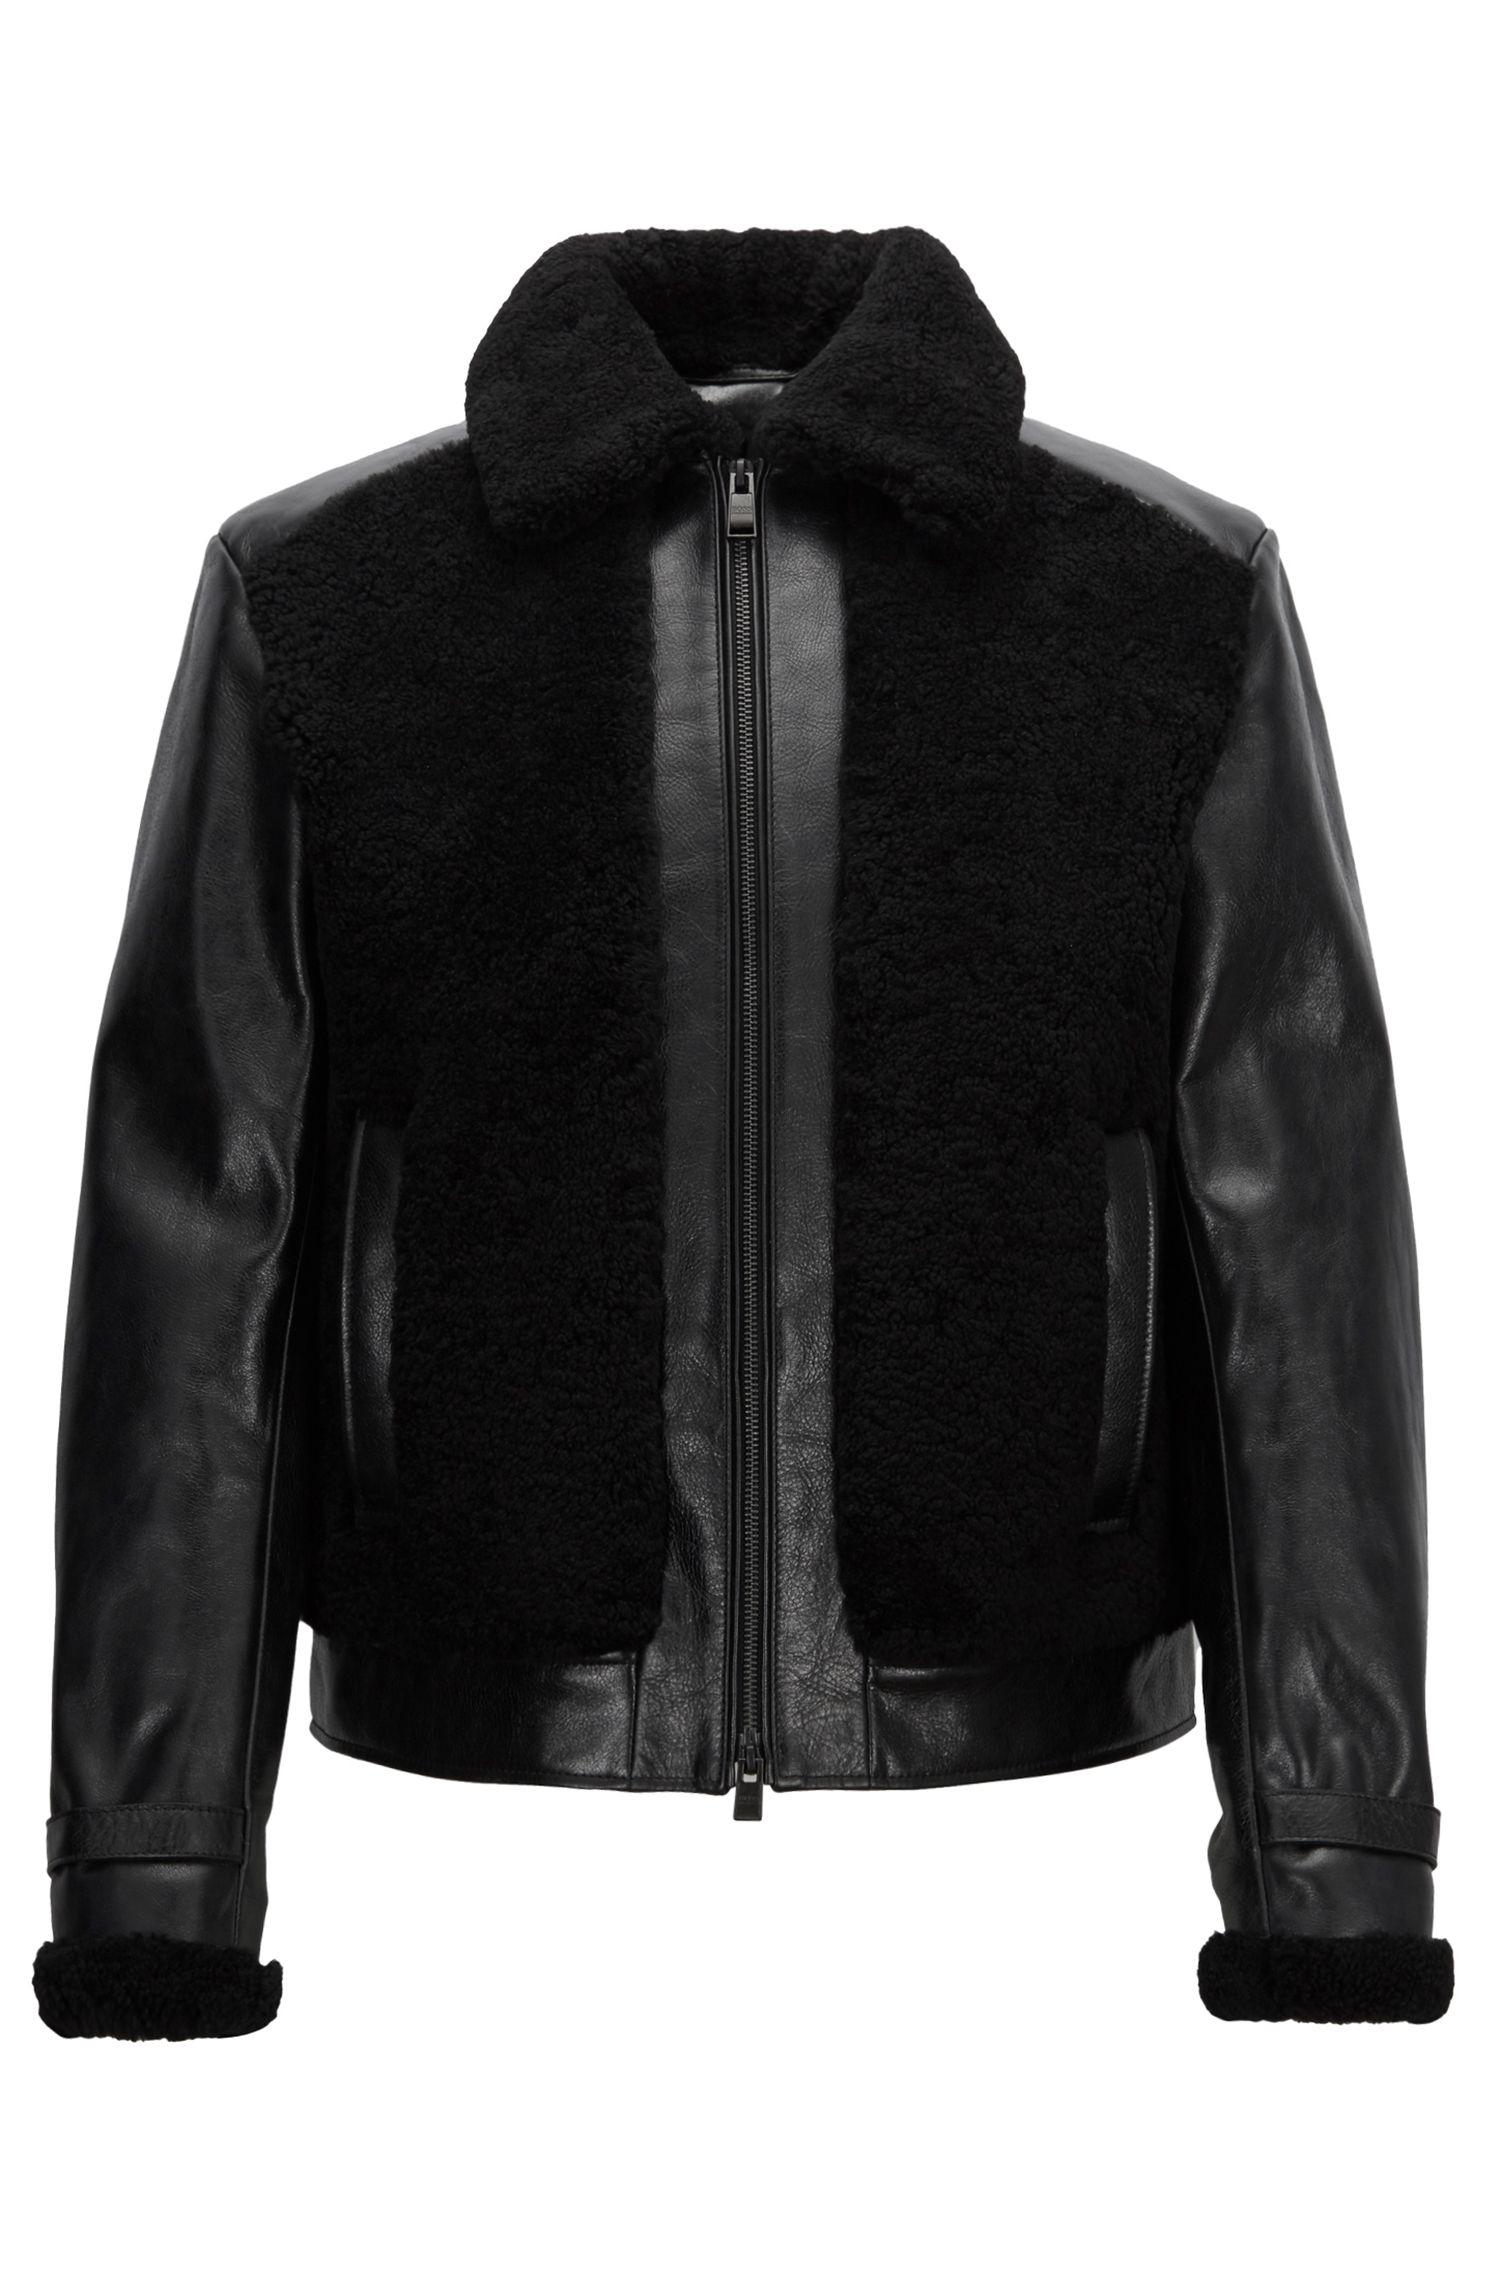 Veste en cuir d'agneau nappa avec empiècements en peau lainée et tissu matelassé, Noir